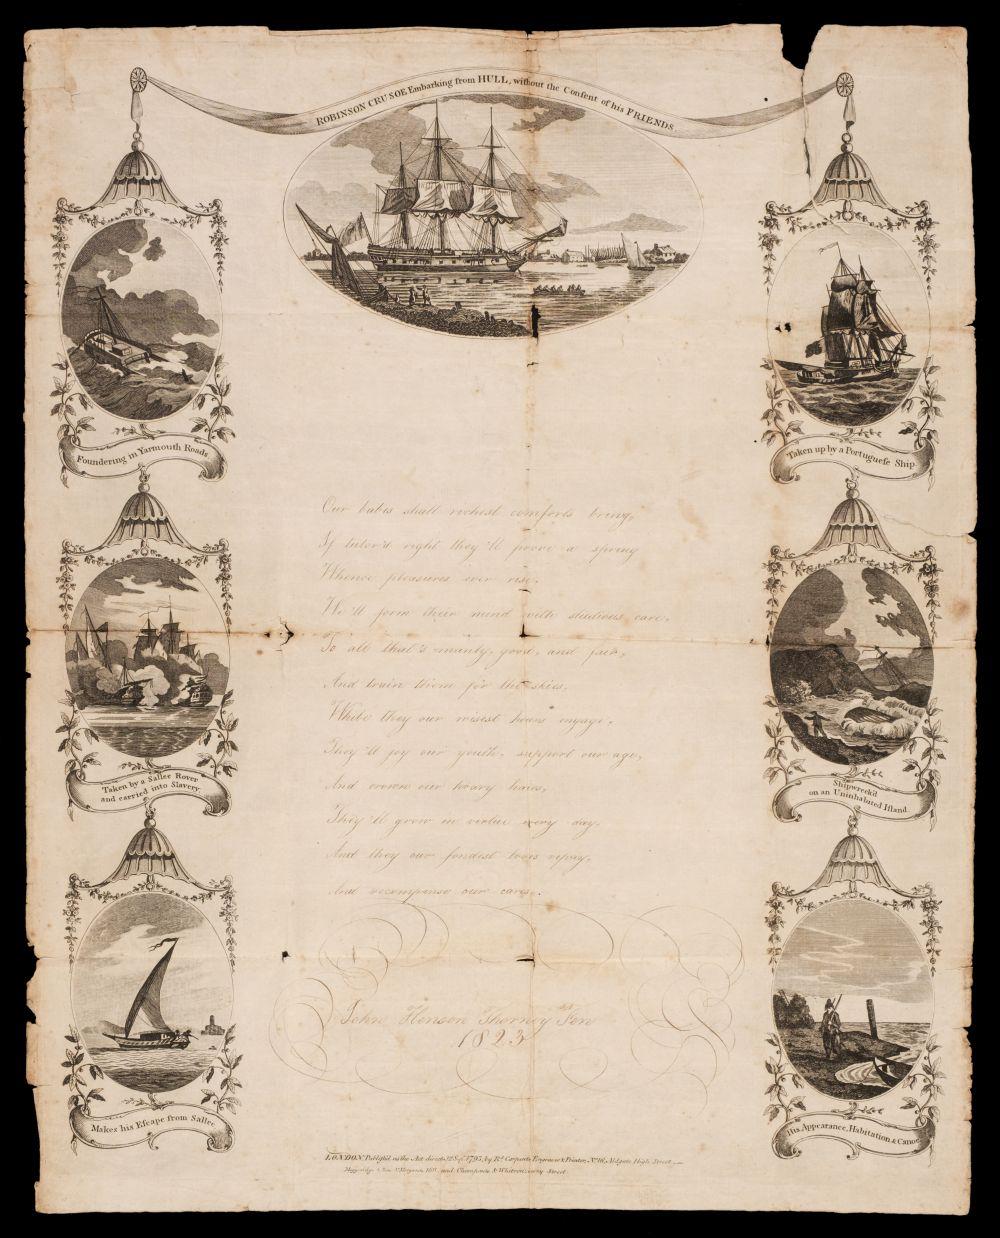 Robinson Crusoe. A printed broadside, 1793